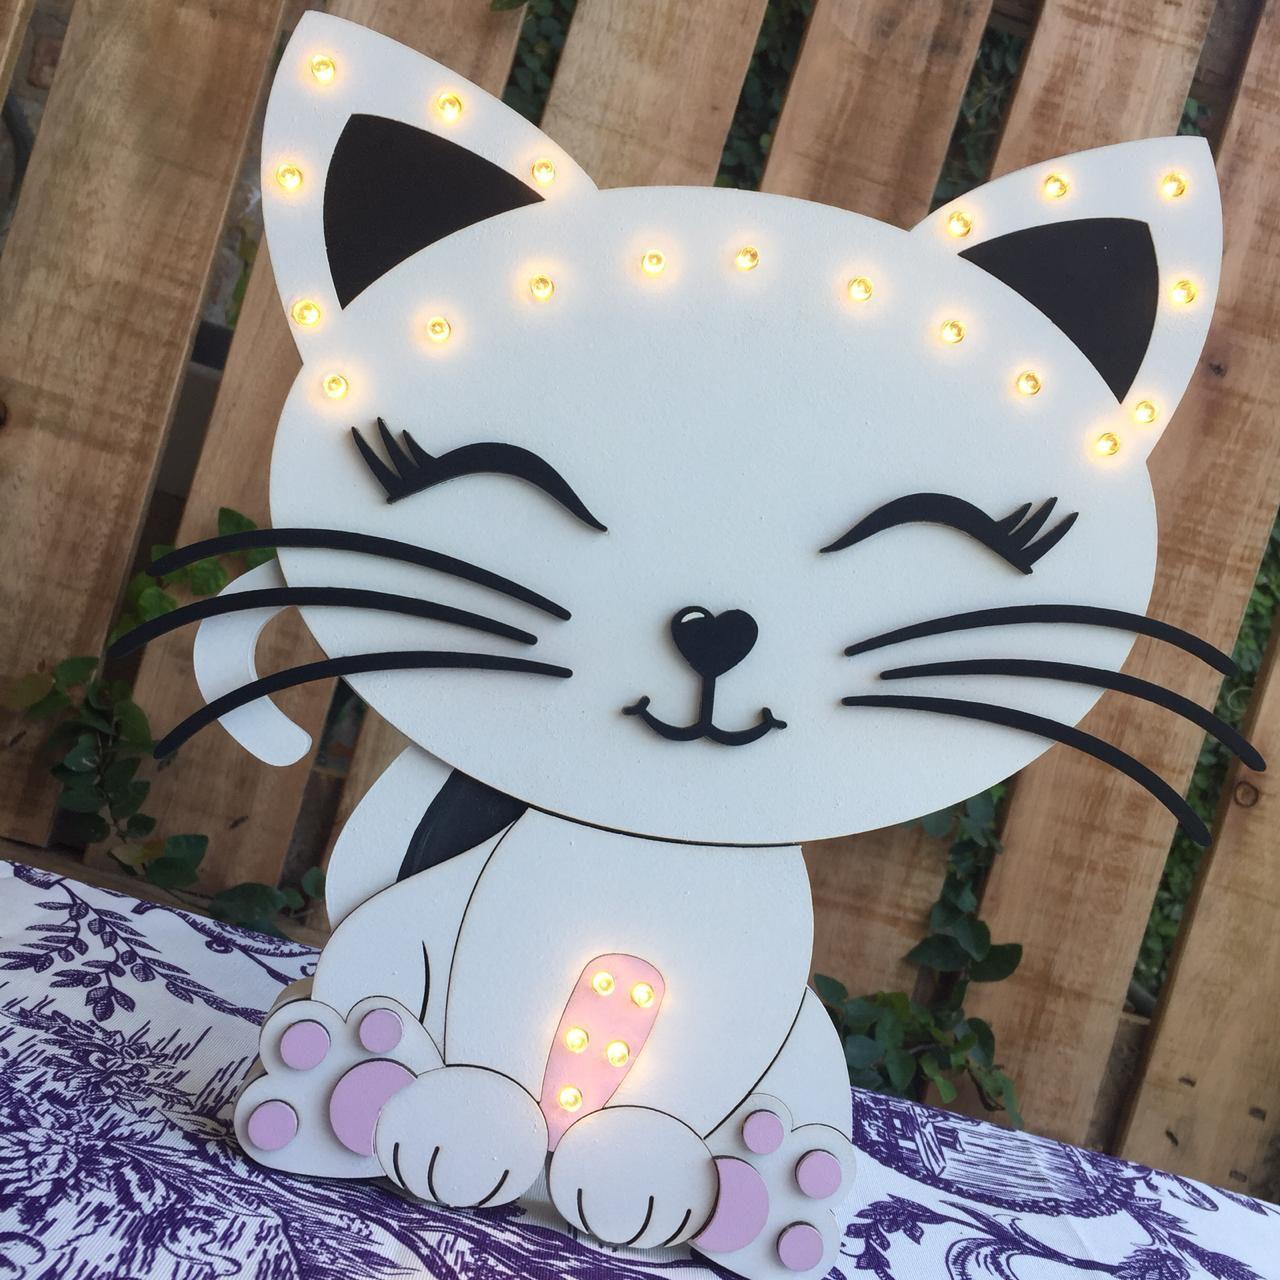 Gatita Luminosa Fiestas Temáticas De Gato Decoración De Gato Manualidades